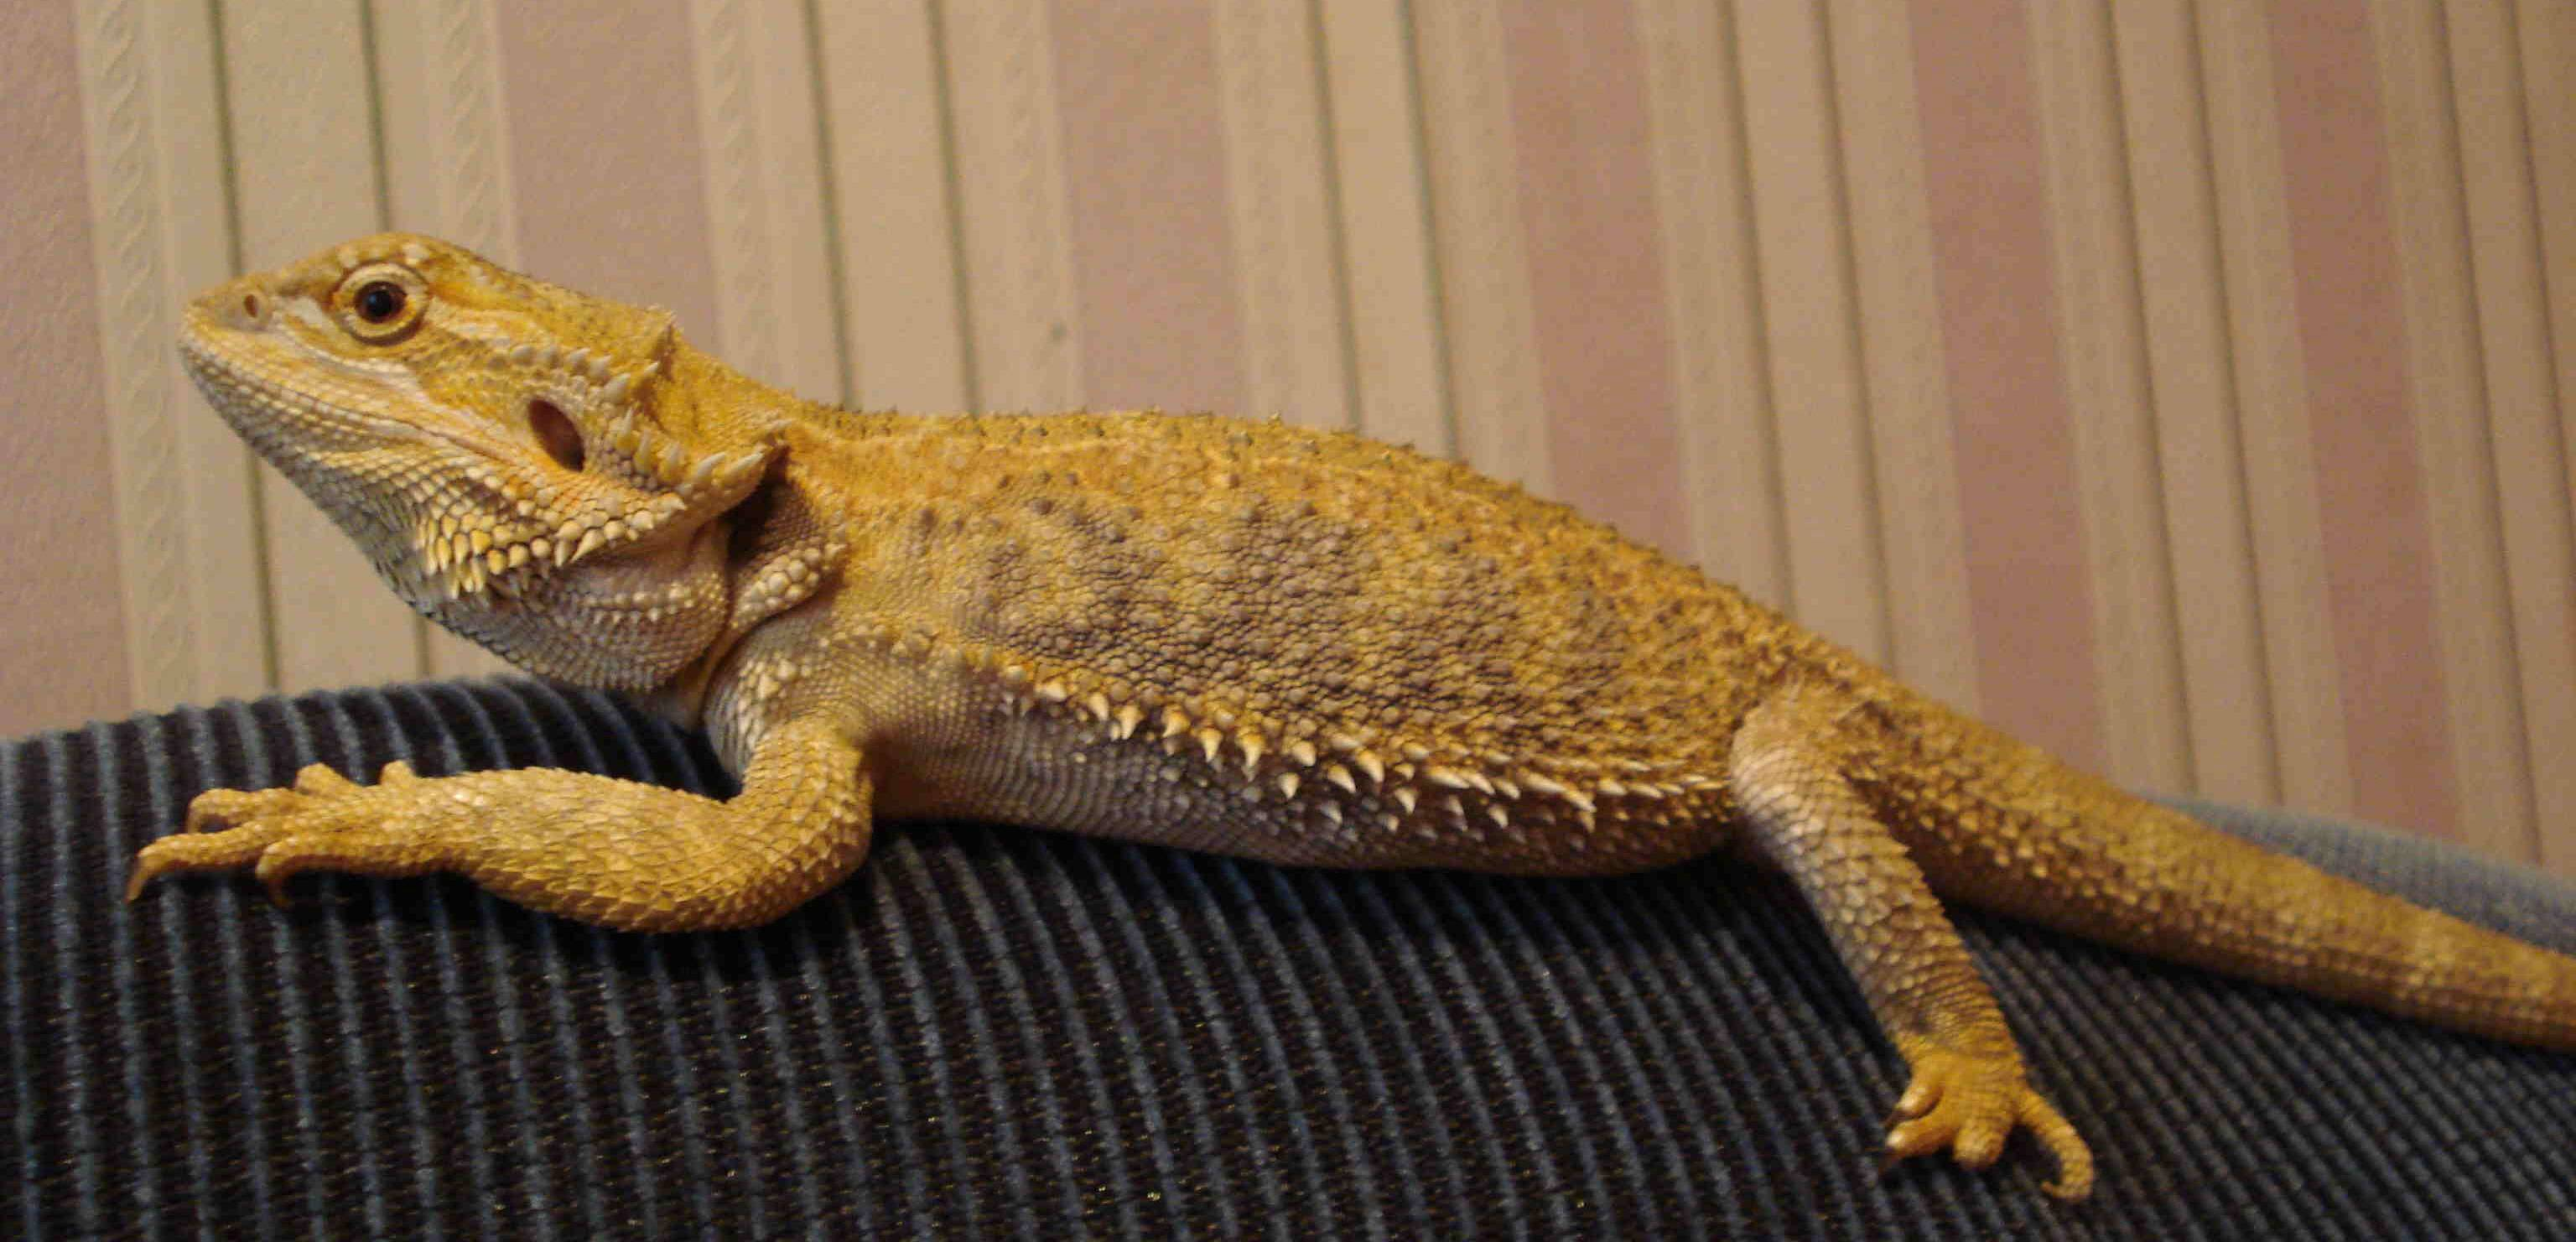 Домашние рептилии — виды и условия содержания - домашние животные - домашние и дикие животные - жизнь в москве - молнет.ru